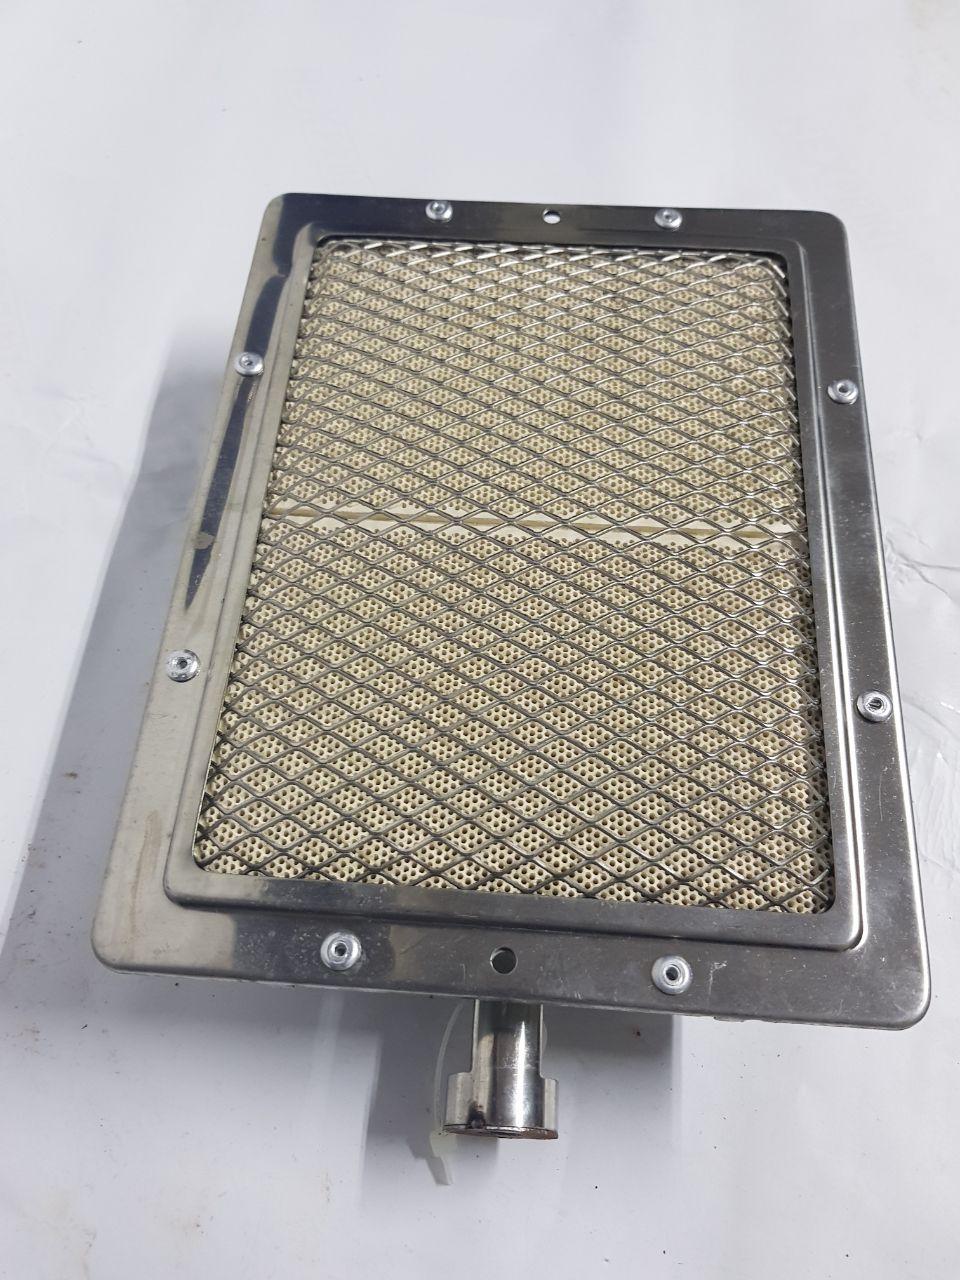 Shswarma machine  gas burner head